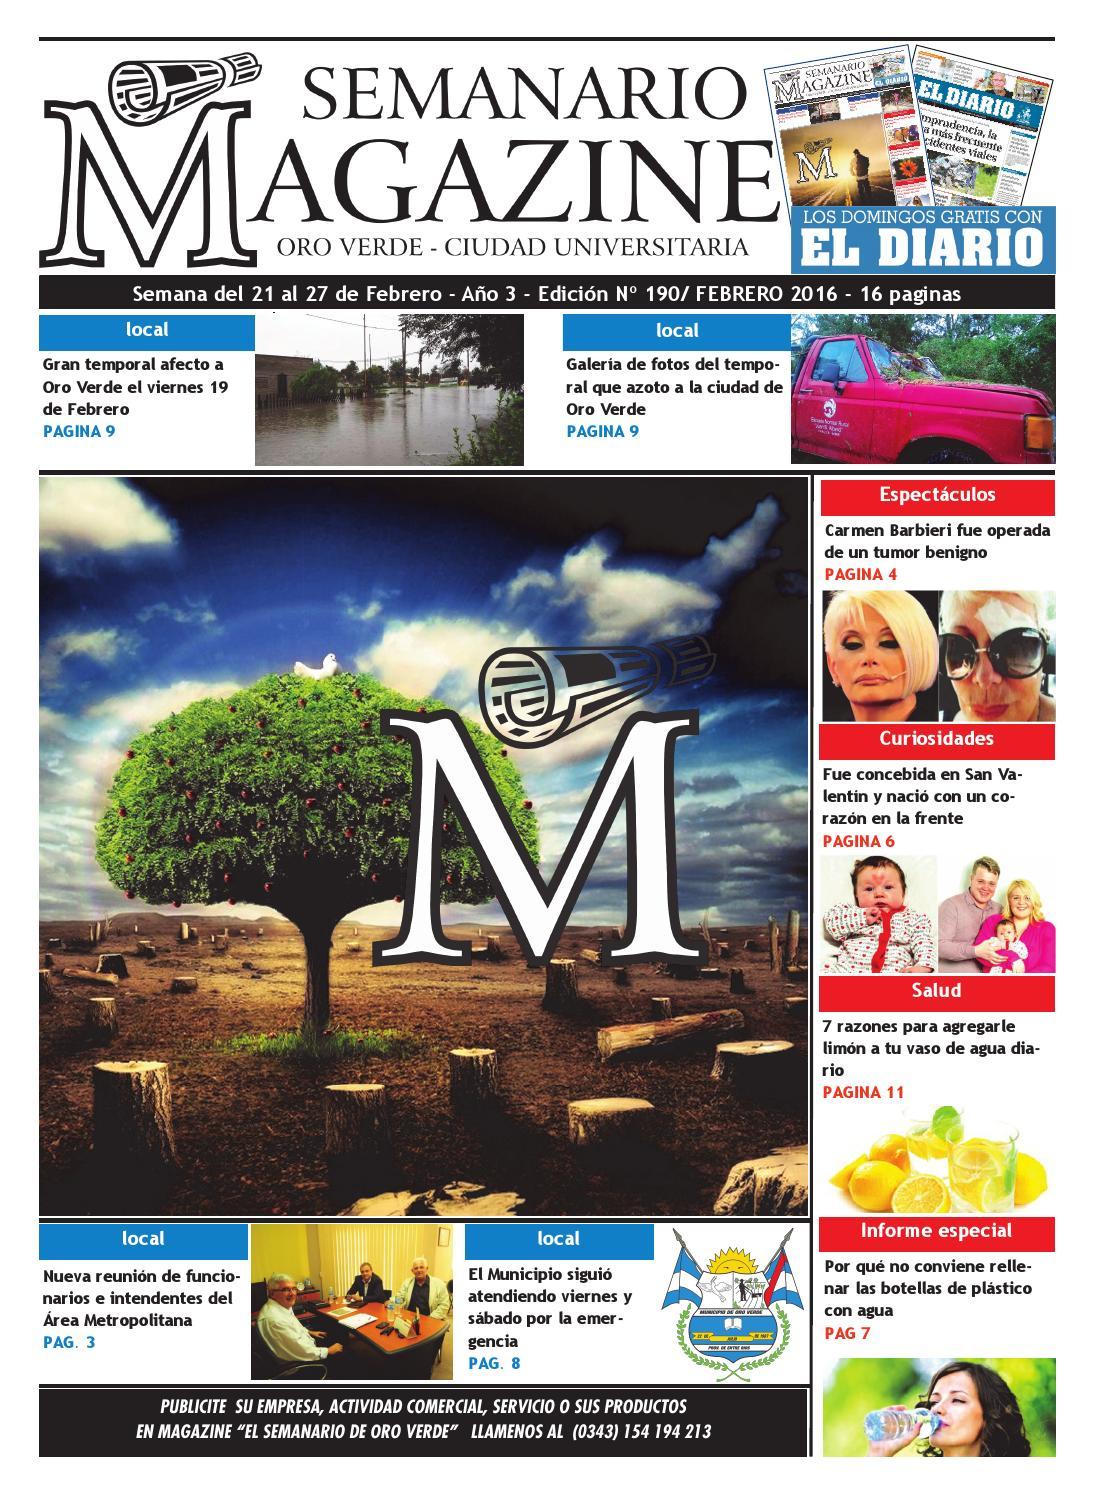 59 Semanario Magazine Edicion N 190 Semana Del 21 Al 27 De  # Muebles Viuda De Juan Parera